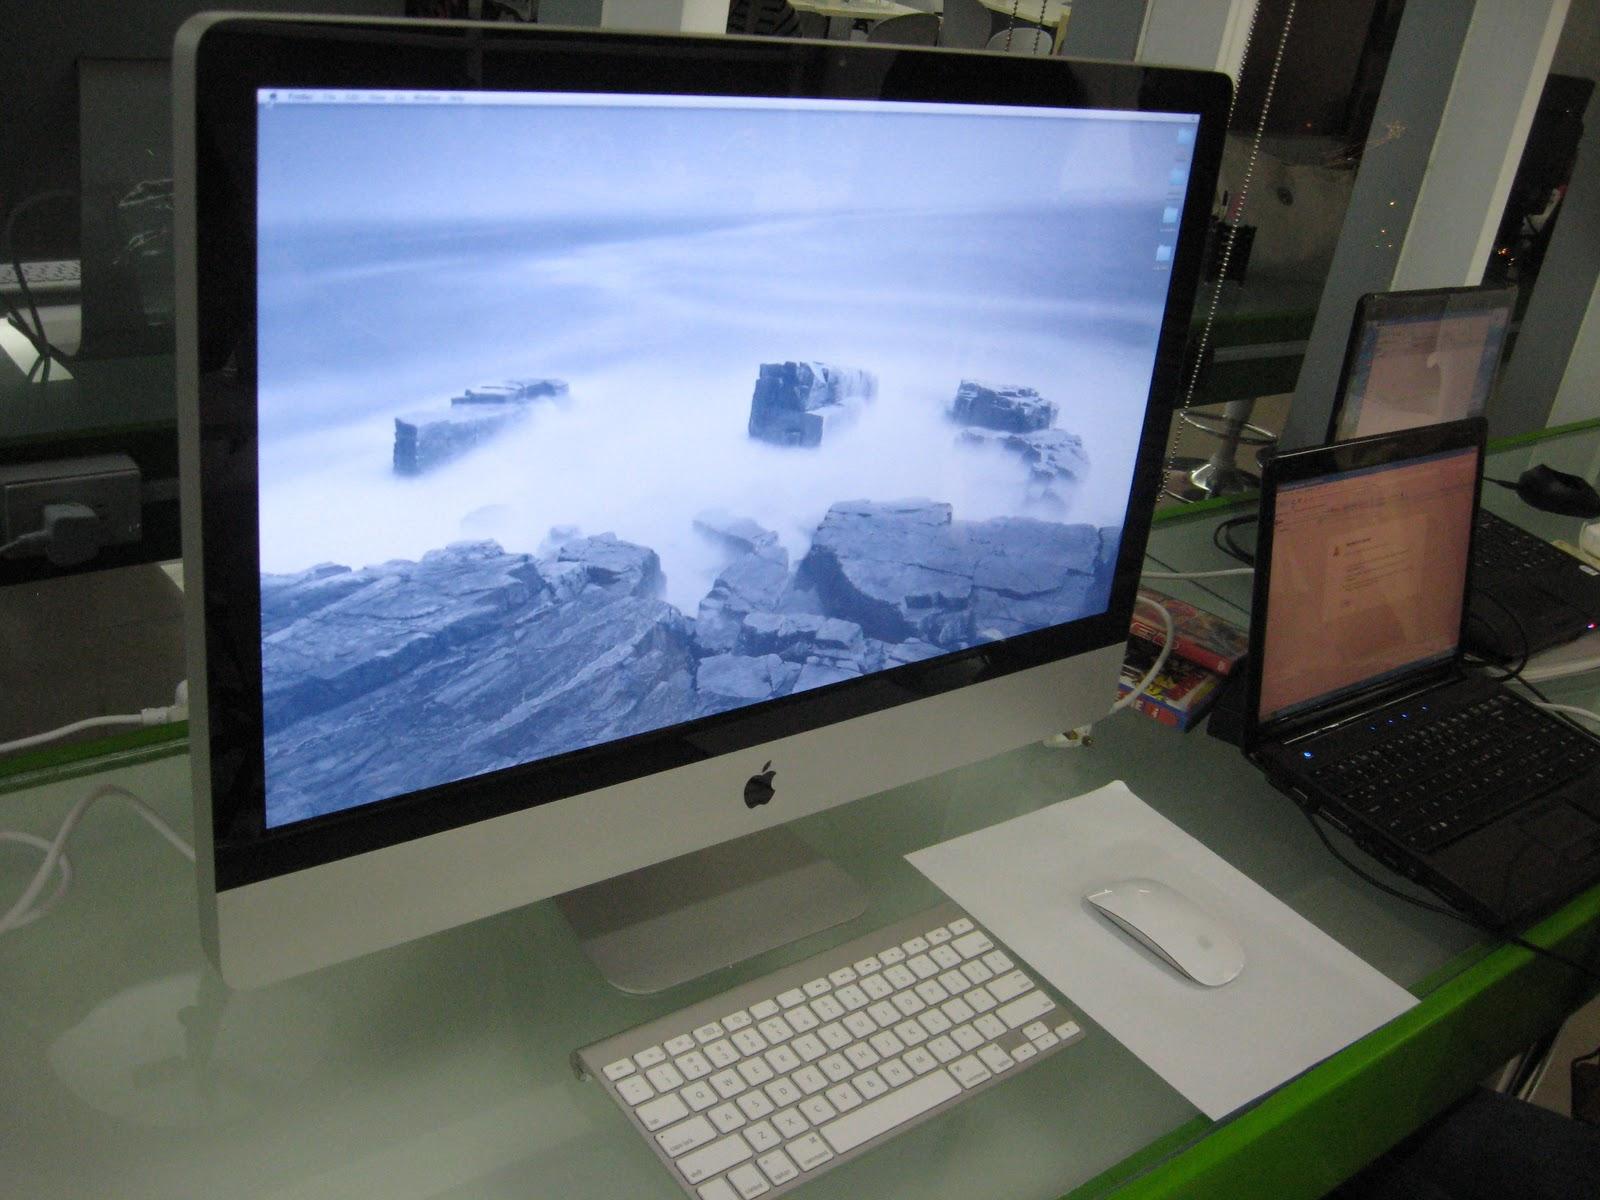 http://3.bp.blogspot.com/_wL9ajgZj6Jo/TQlreiYy28I/AAAAAAAAAwo/ii5HOGfExro/s1600/iMac%2Bfront.jpg